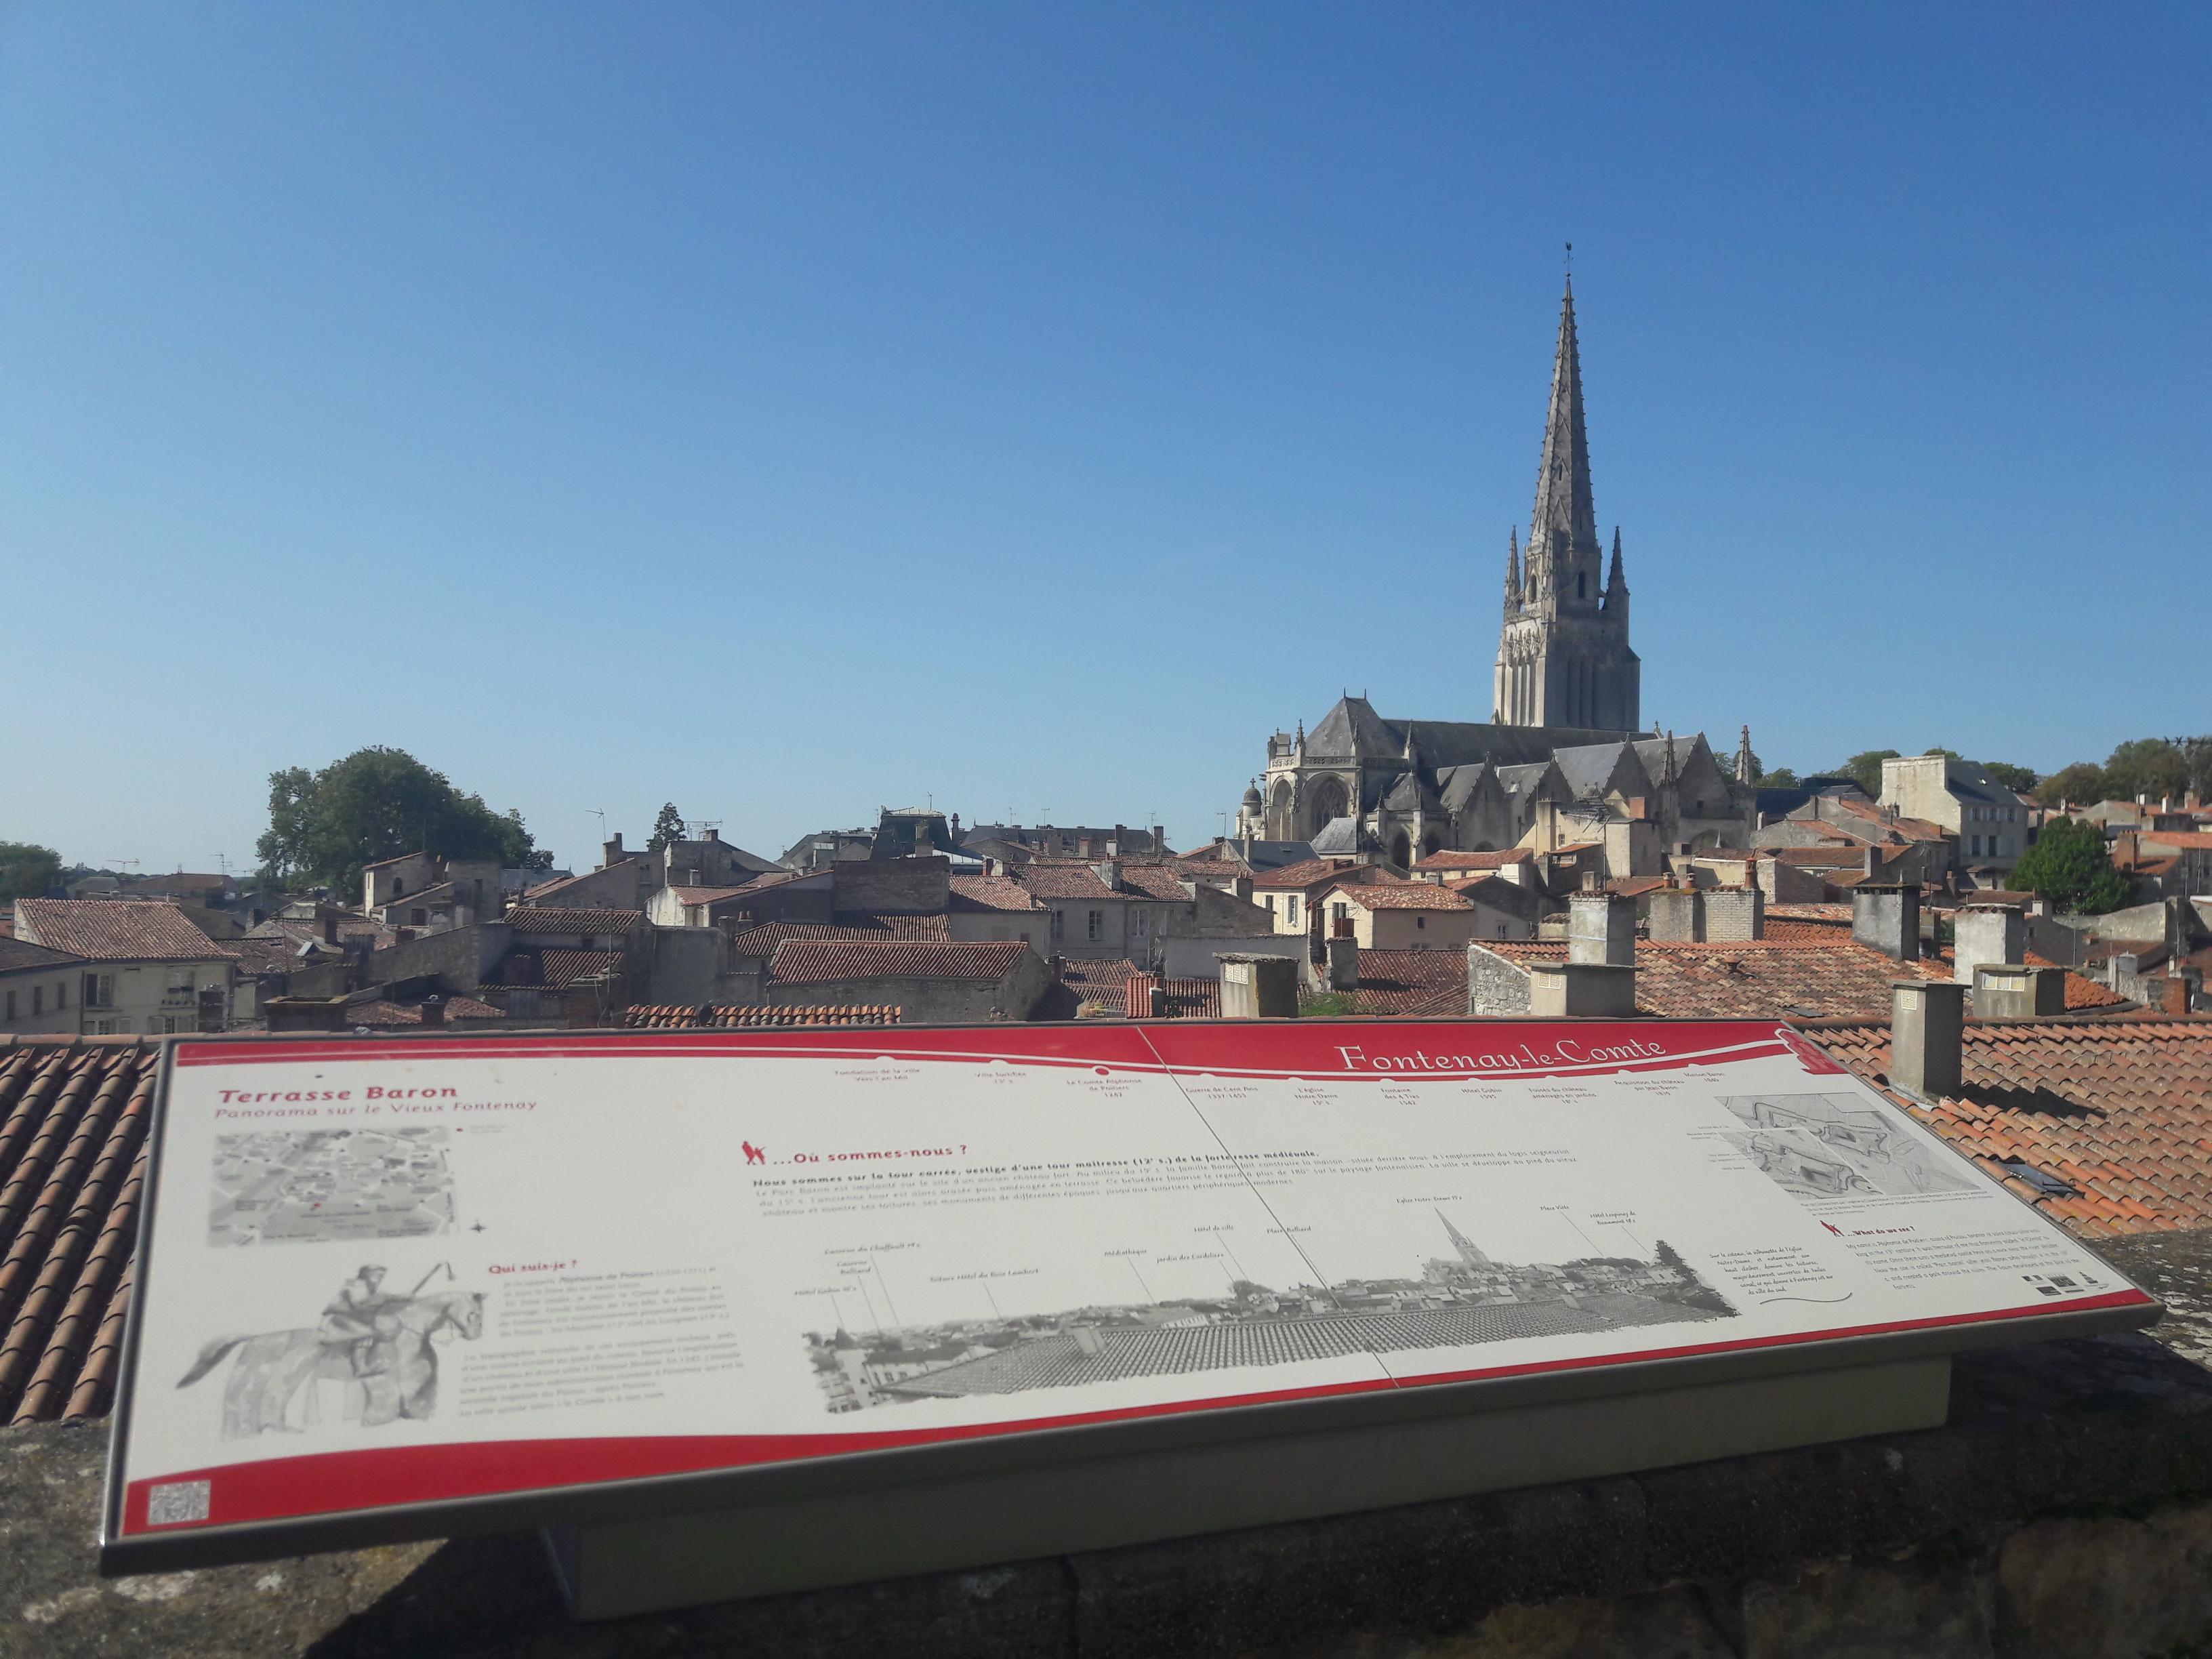 Les monuments et toitures de la ville de Fontenay-le-Comte lors d'une balade dans le coeur de ville.